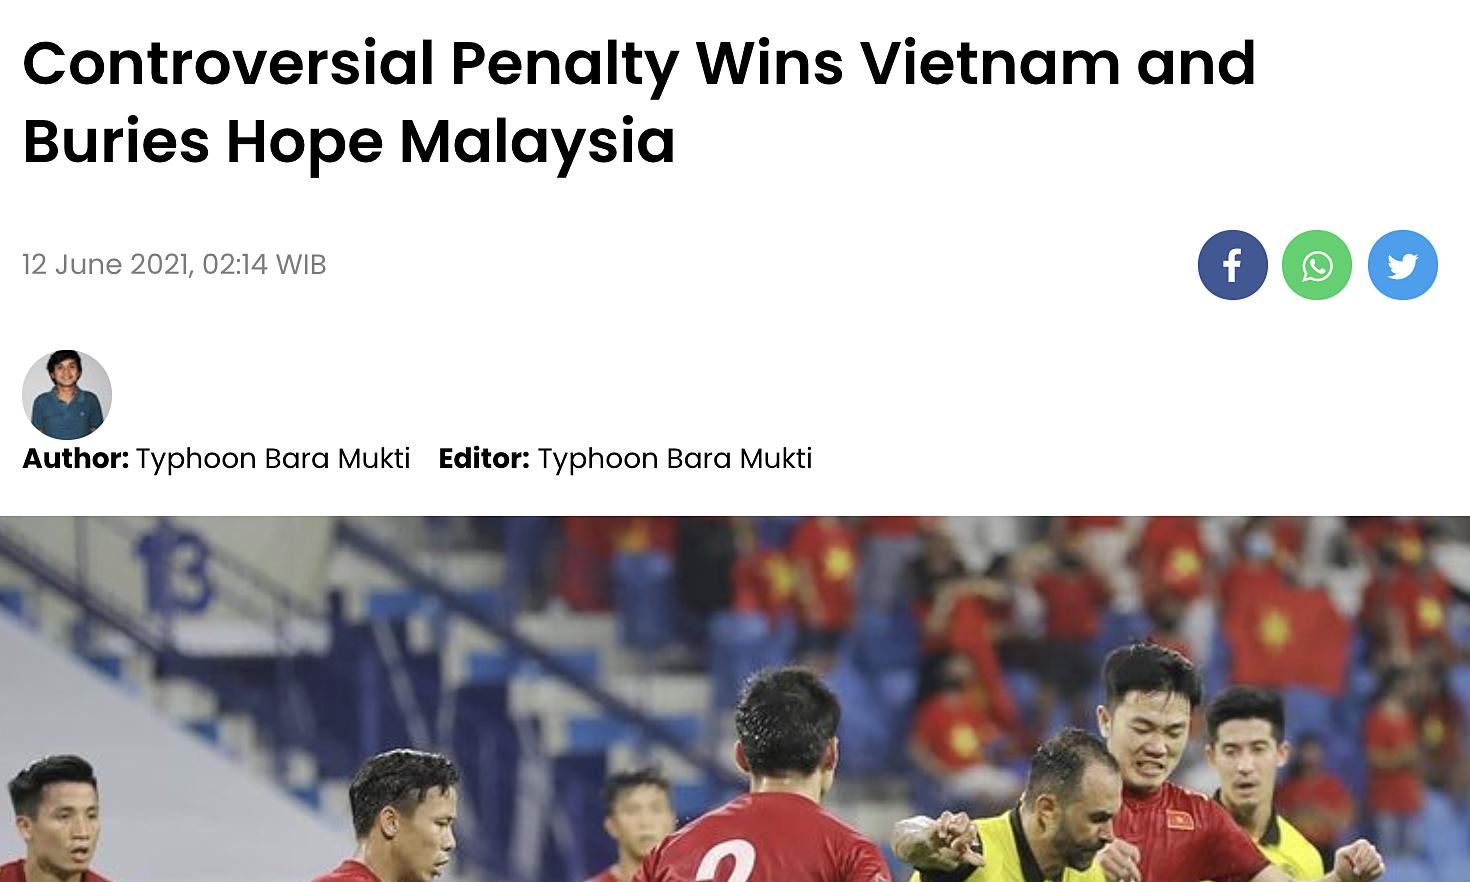 Việt Nam thắng nhờ phạt đền gây tranh cãi, và nhấn chìm hy vọng của Malaysia là tiêu đề bài viết của skor.id